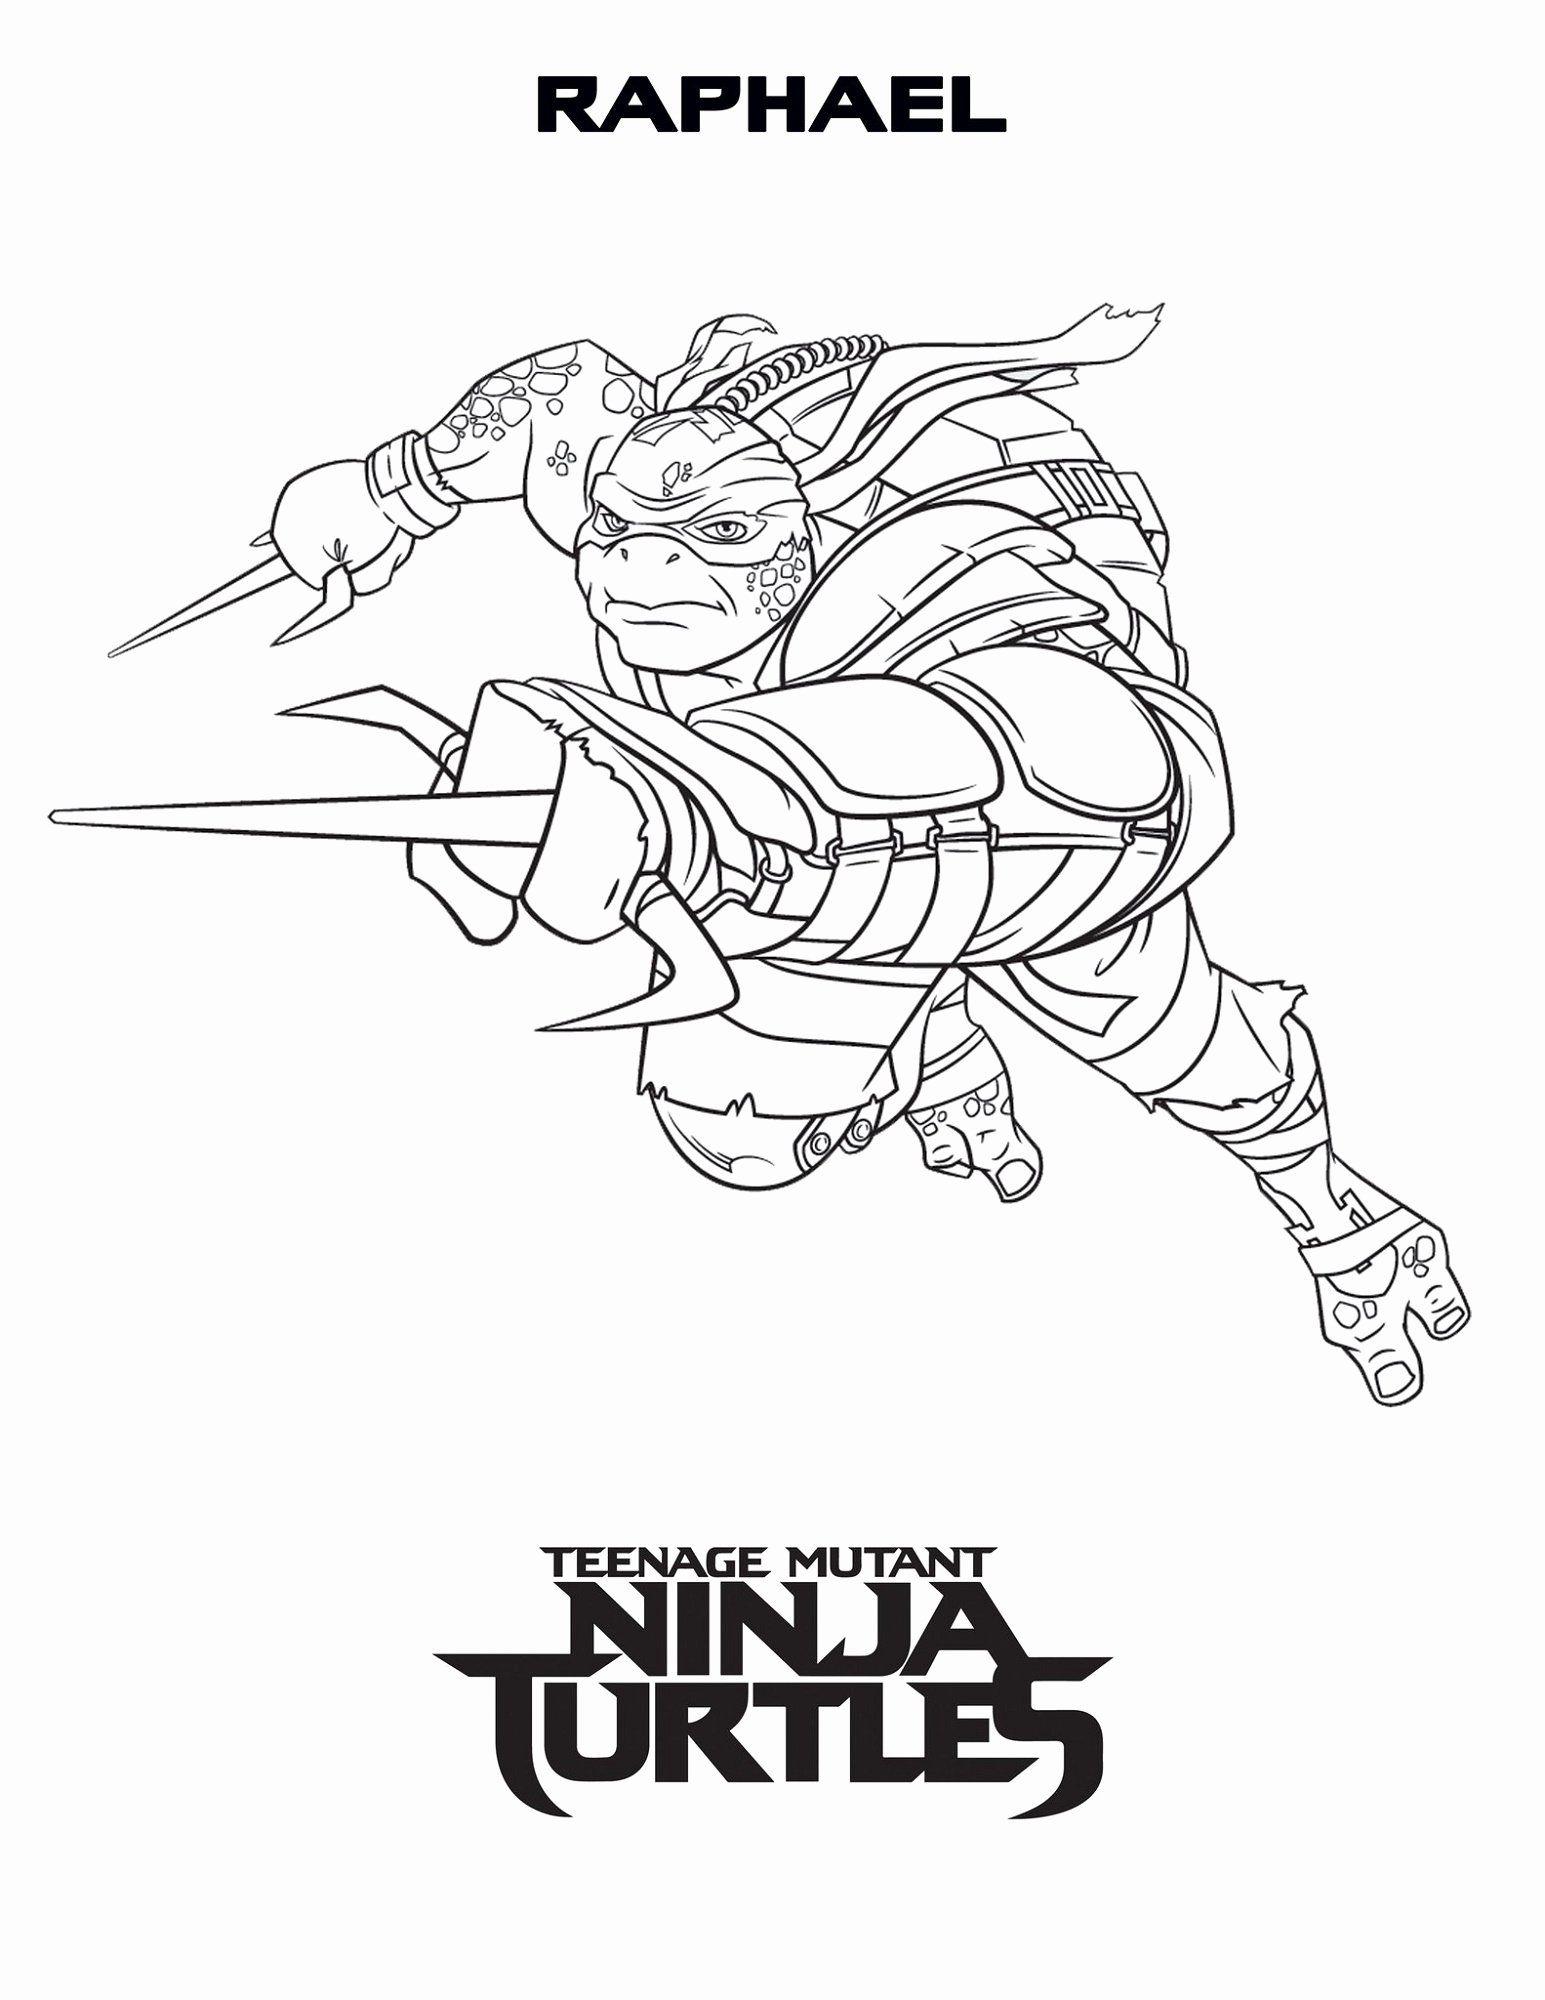 Teenage Mutant Ninja Turtles Coloring Book Awesome Coloring Pages Coloring Worksheet The Teenag In 2020 Ninja Turtle Coloring Pages Turtle Coloring Pages Ninja Turtles